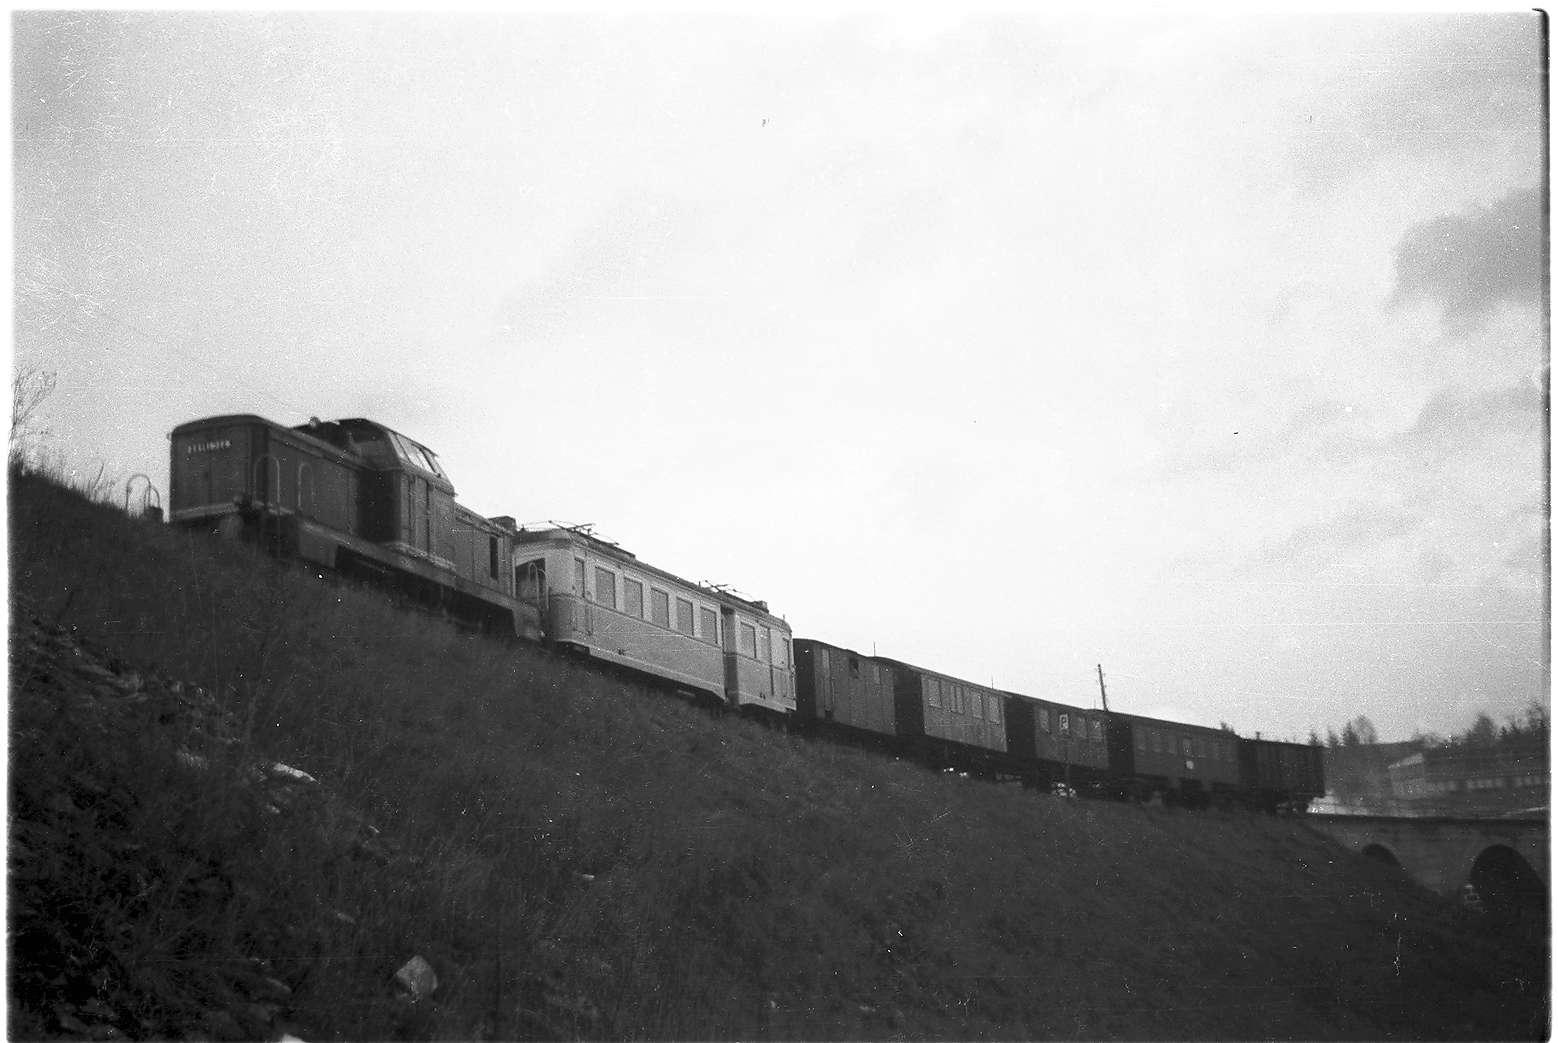 Abtransport des Triebwagens ET 3 der Trossinger Eisenbahn von Gammertingen, mit Diesellok V81 Güterzug mit Personenbeförderung GmP 316, Foto veröffentlicht 2002, Bild 1